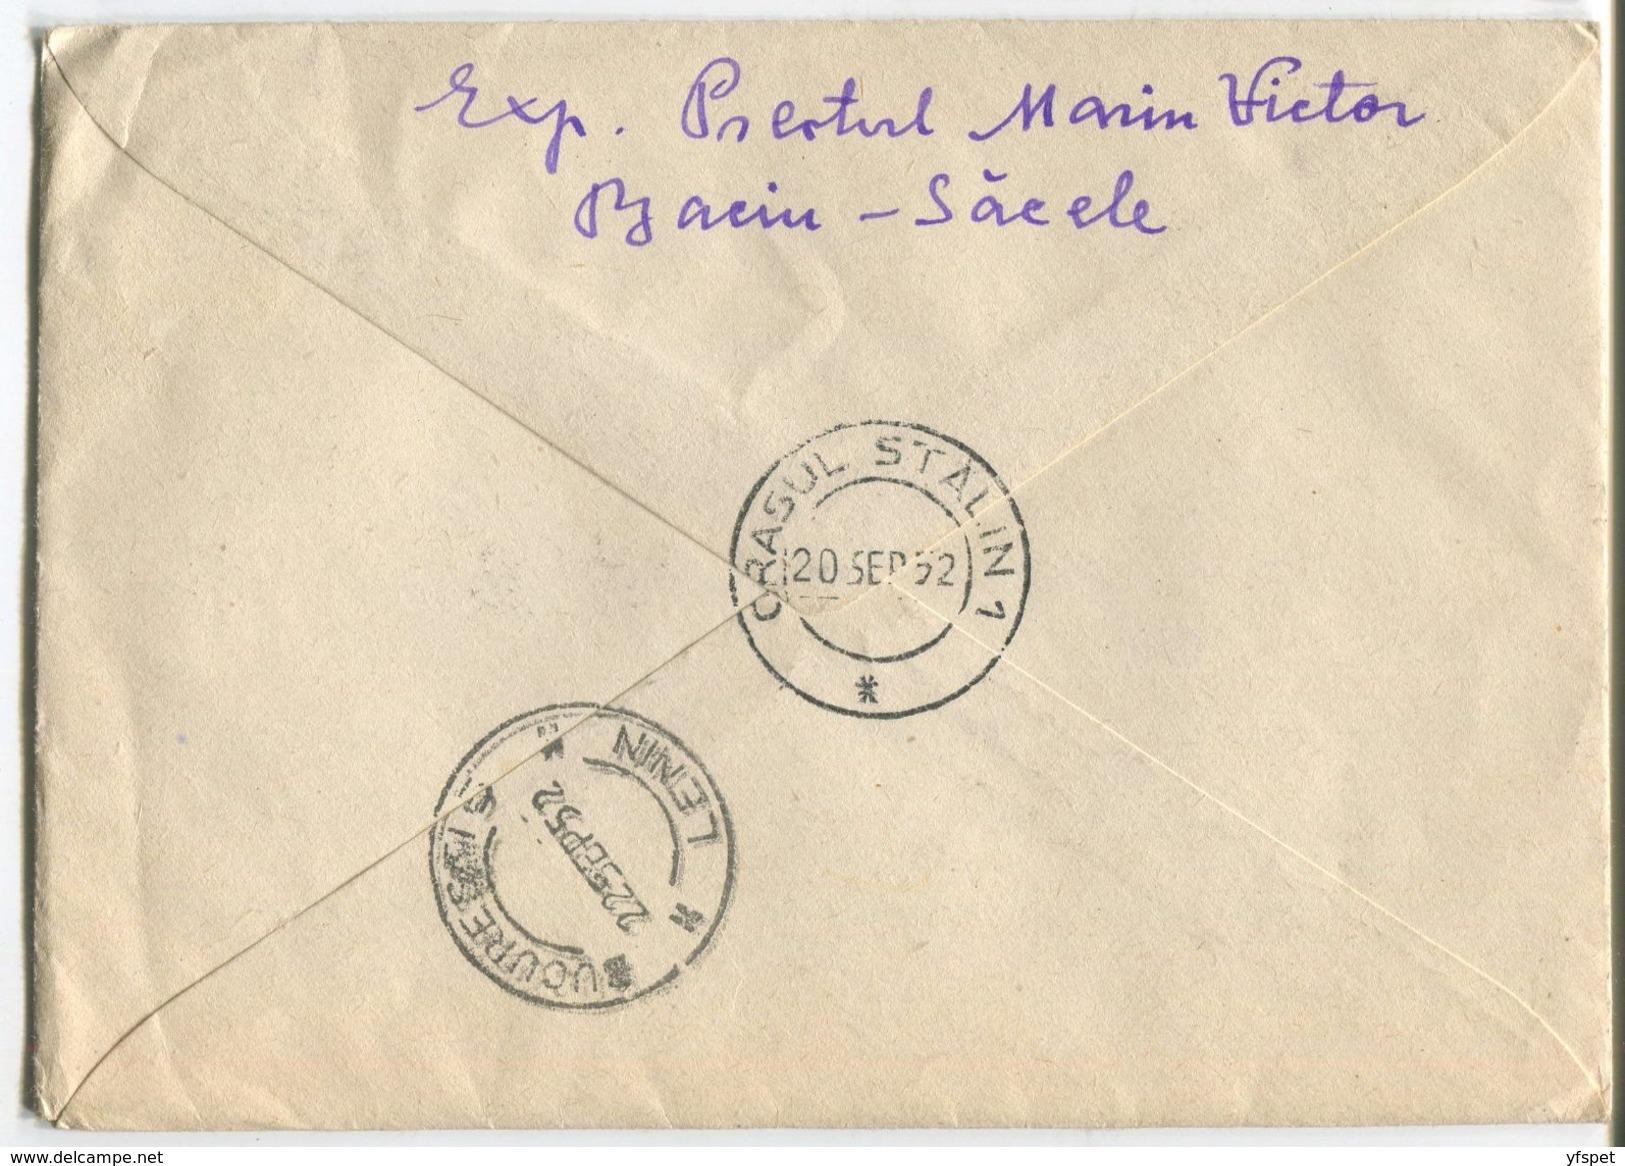 N.V.Gogol - Cover, 1952 - Postal Stationery